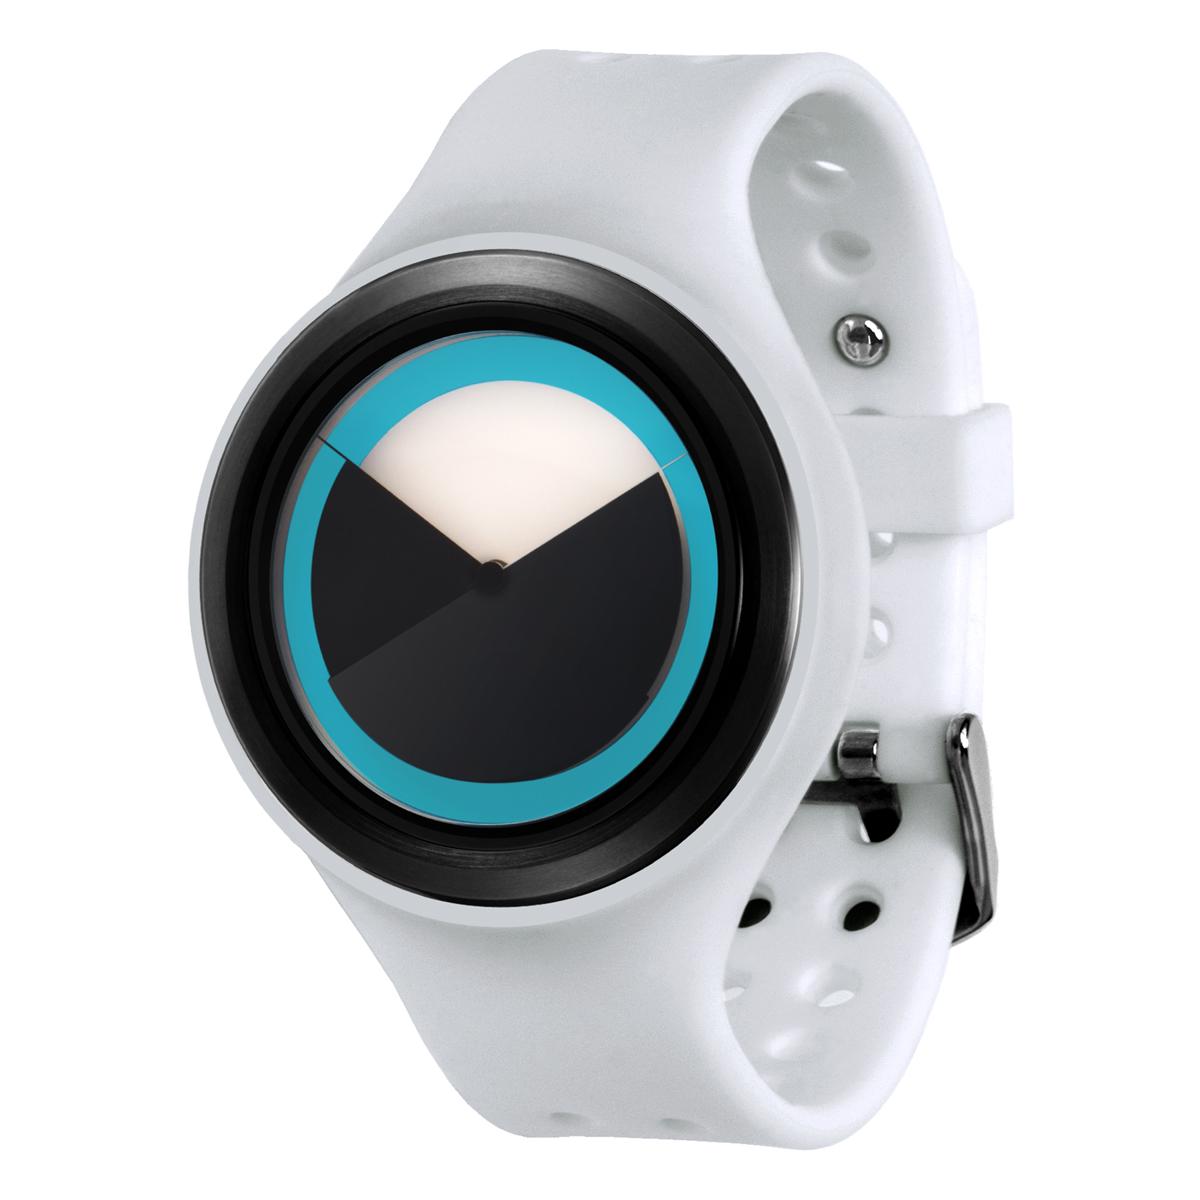 ZEROO DEEPSKY SWEEPING ゼロ 電池式クォーツ 腕時計 [W00401B03SR01] ホワイト デザインウォッチ ペア用 メンズ レディース ユニセックス おしゃれ時計 デザイナーズ